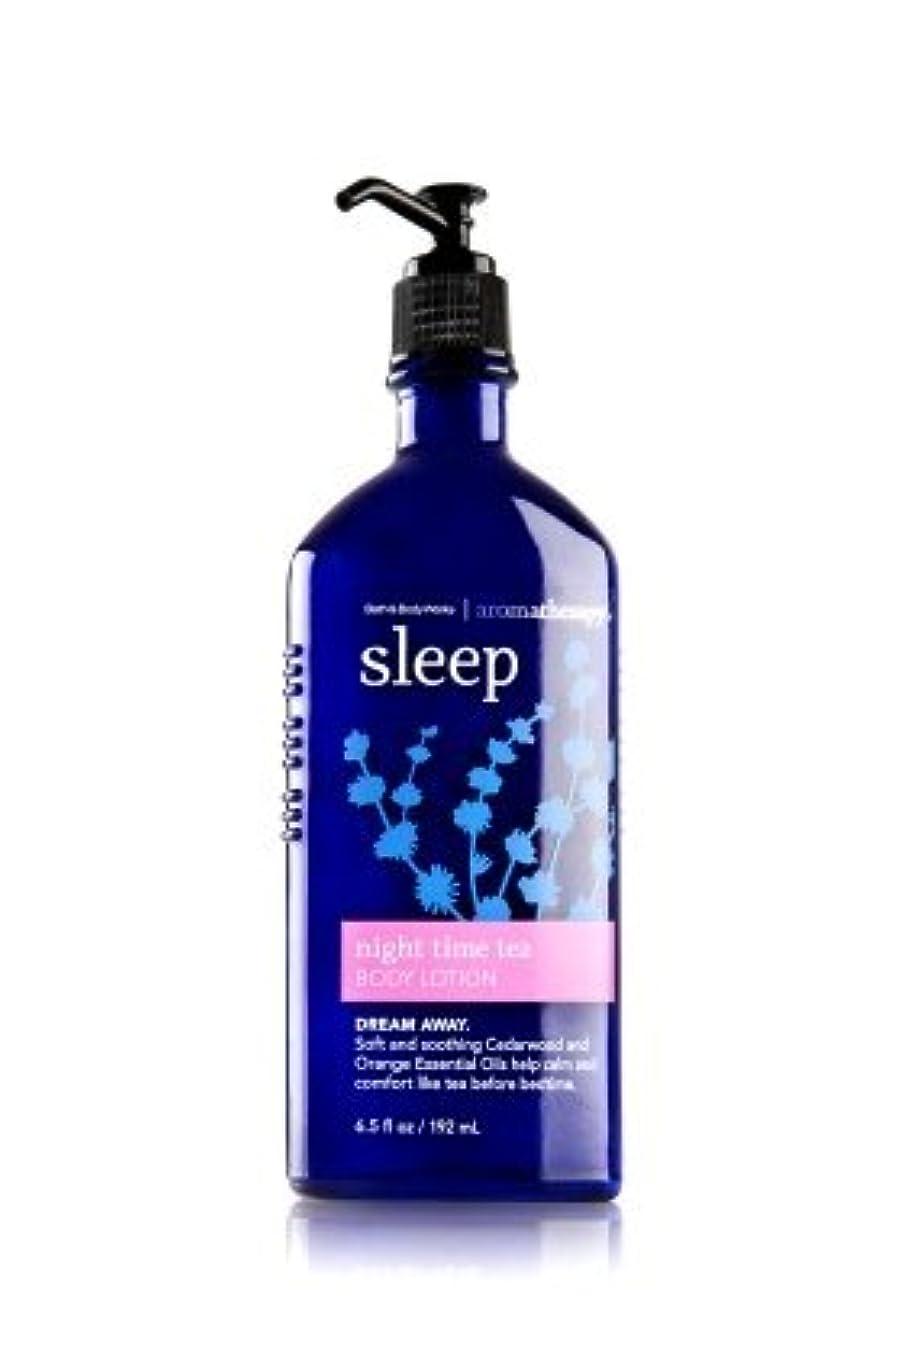 マキシム大宇宙印象派【Bath&Body Works/バス&ボディワークス】 ボディローション アロマセラピー スリープ ナイトタイムティー Body Lotion Aromatherapy Sleep Night Time Tea 6.5 fl oz / 192 mL [並行輸入品]